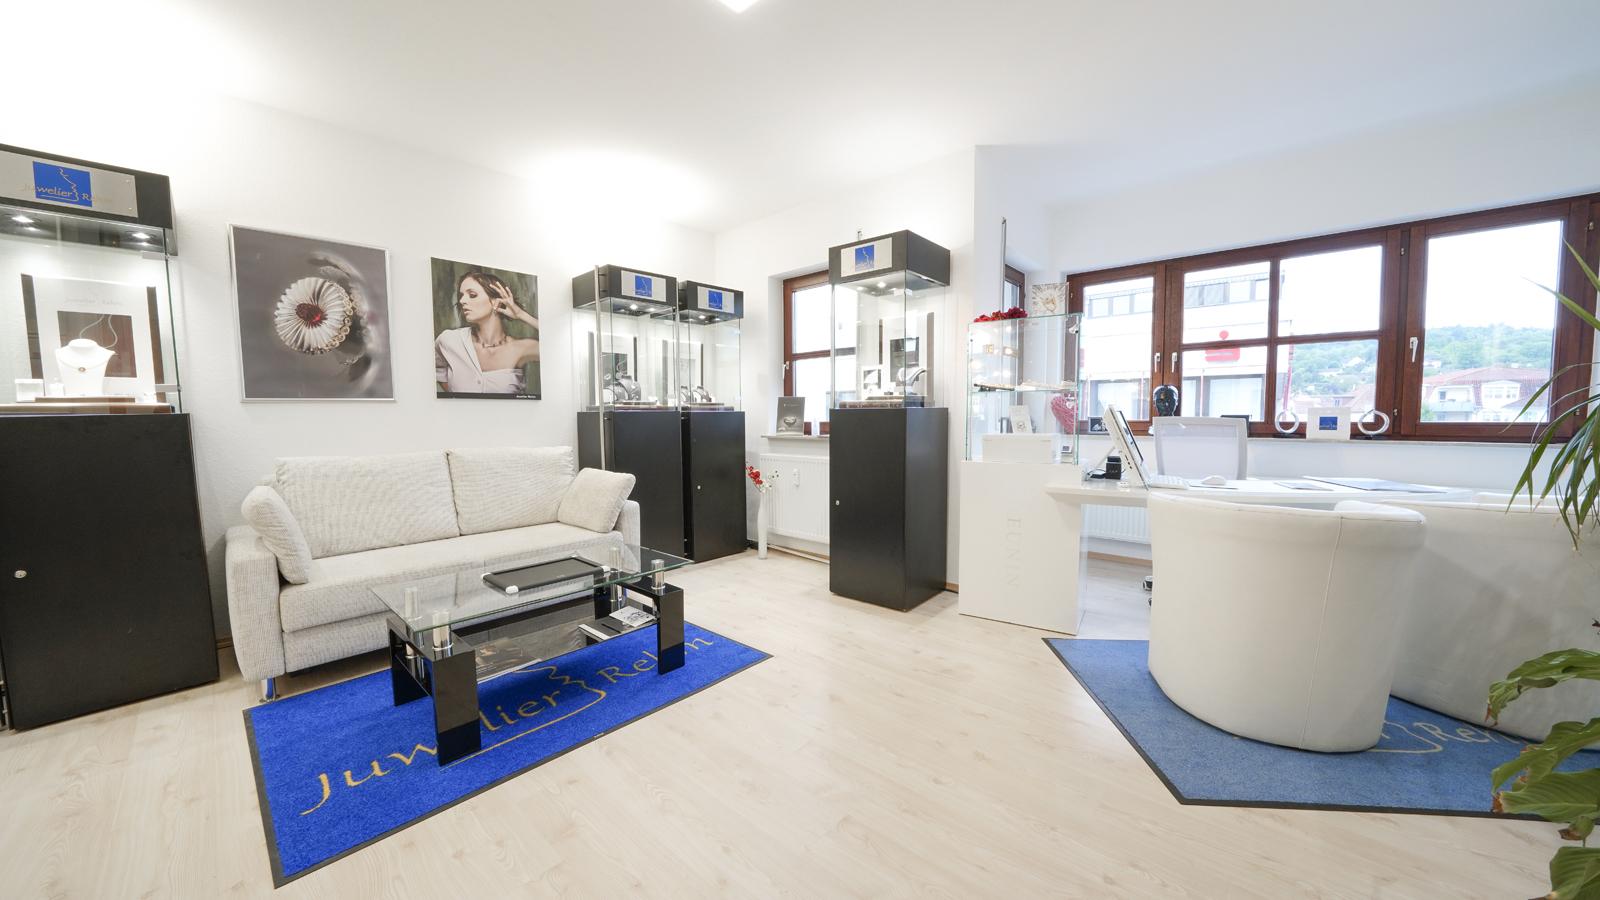 ber uns juwelier rehm. Black Bedroom Furniture Sets. Home Design Ideas